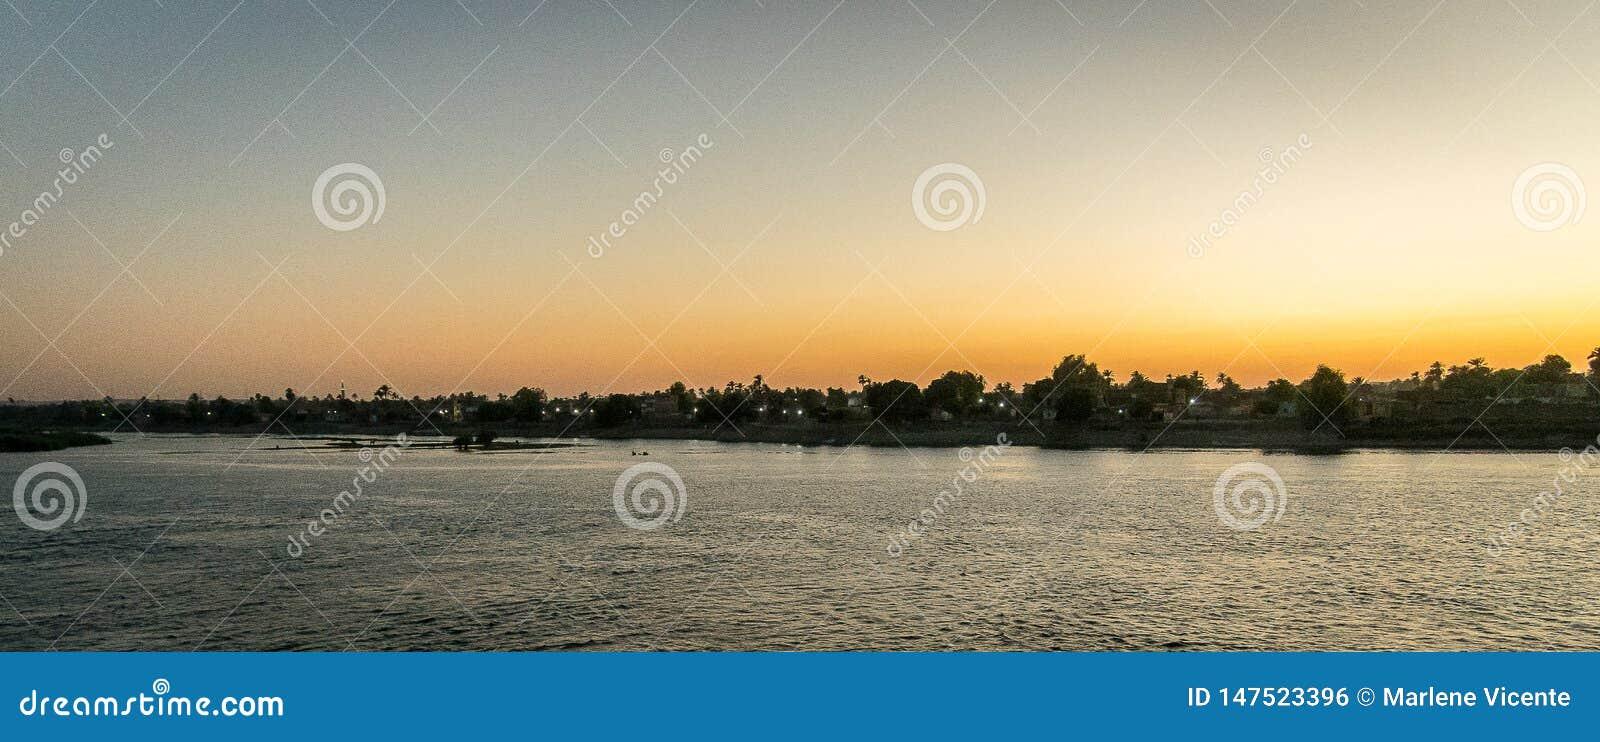 Panoramico di un tramonto sul Nilo Egypt